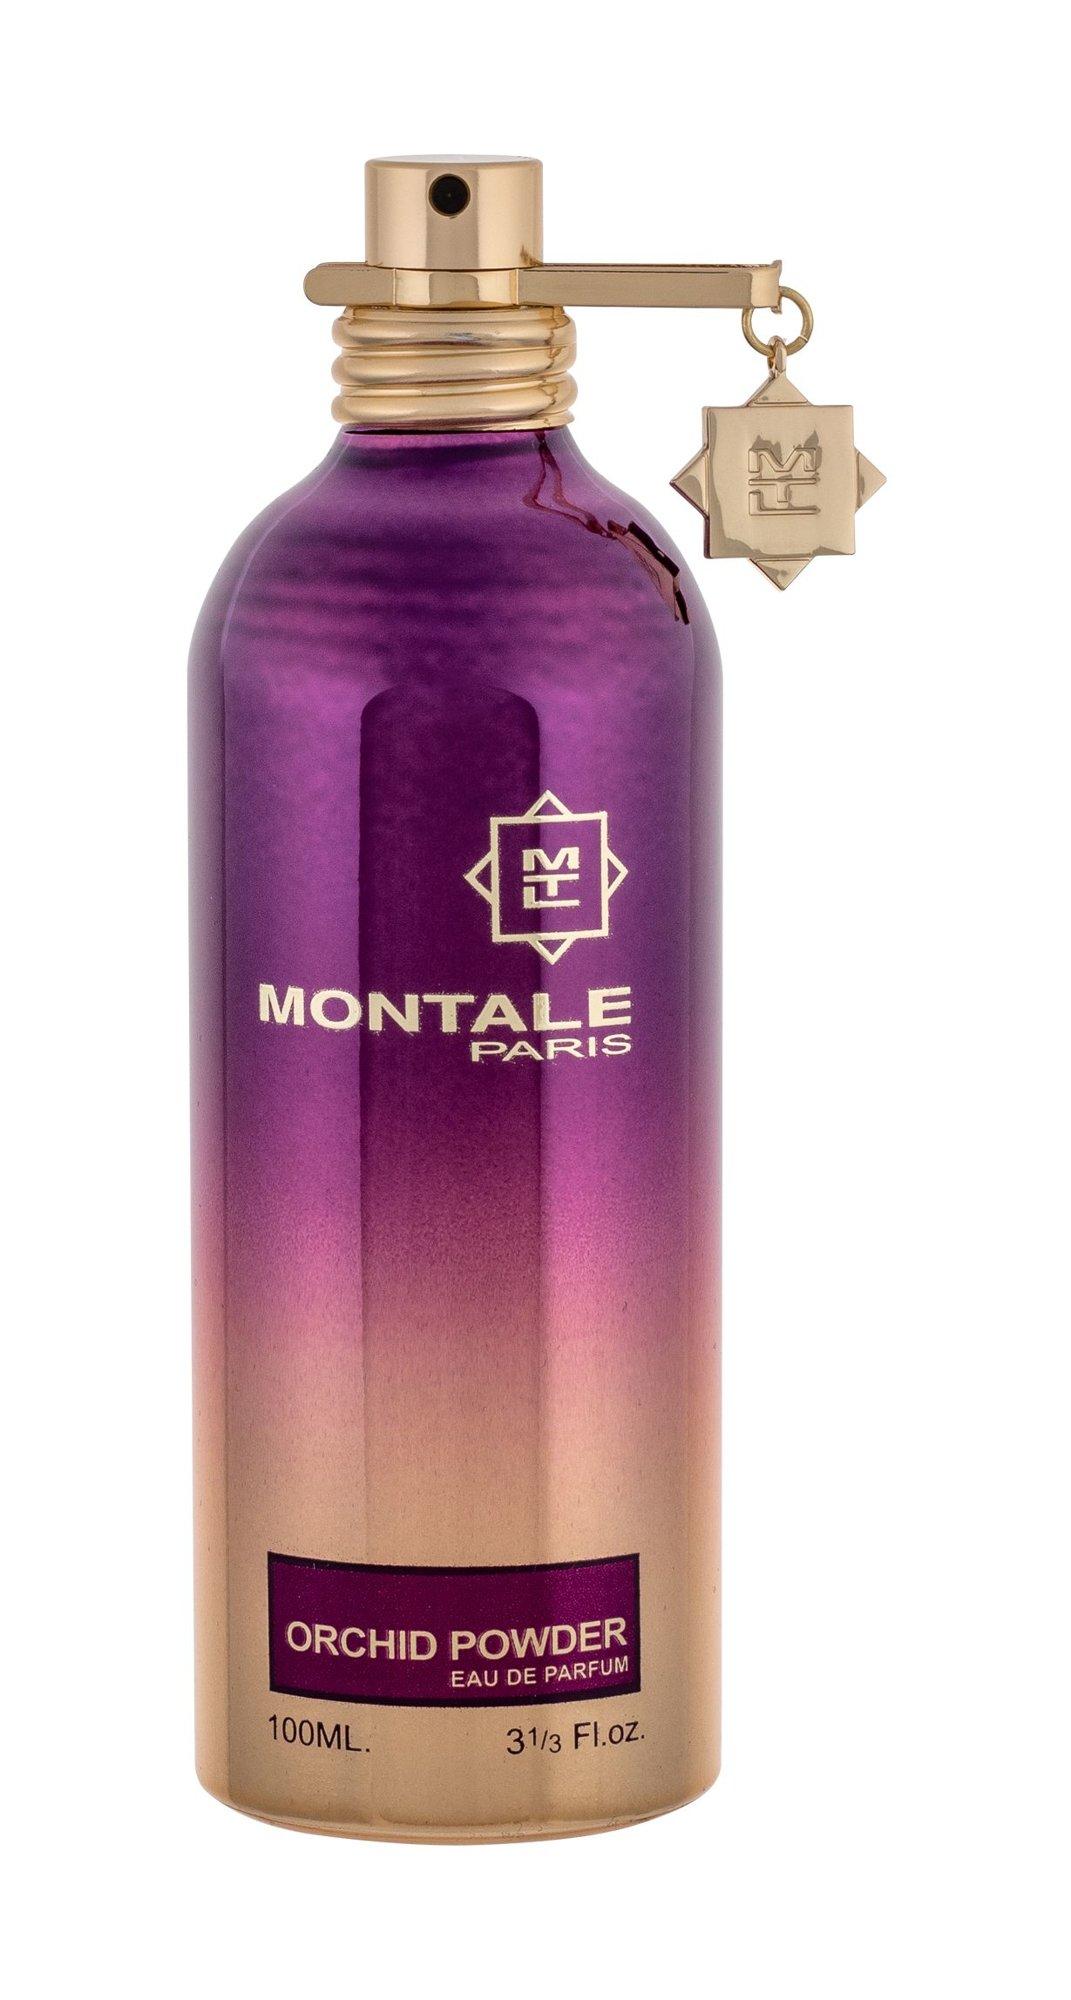 Montale Paris Orchid Powder Eau de Parfum 100ml